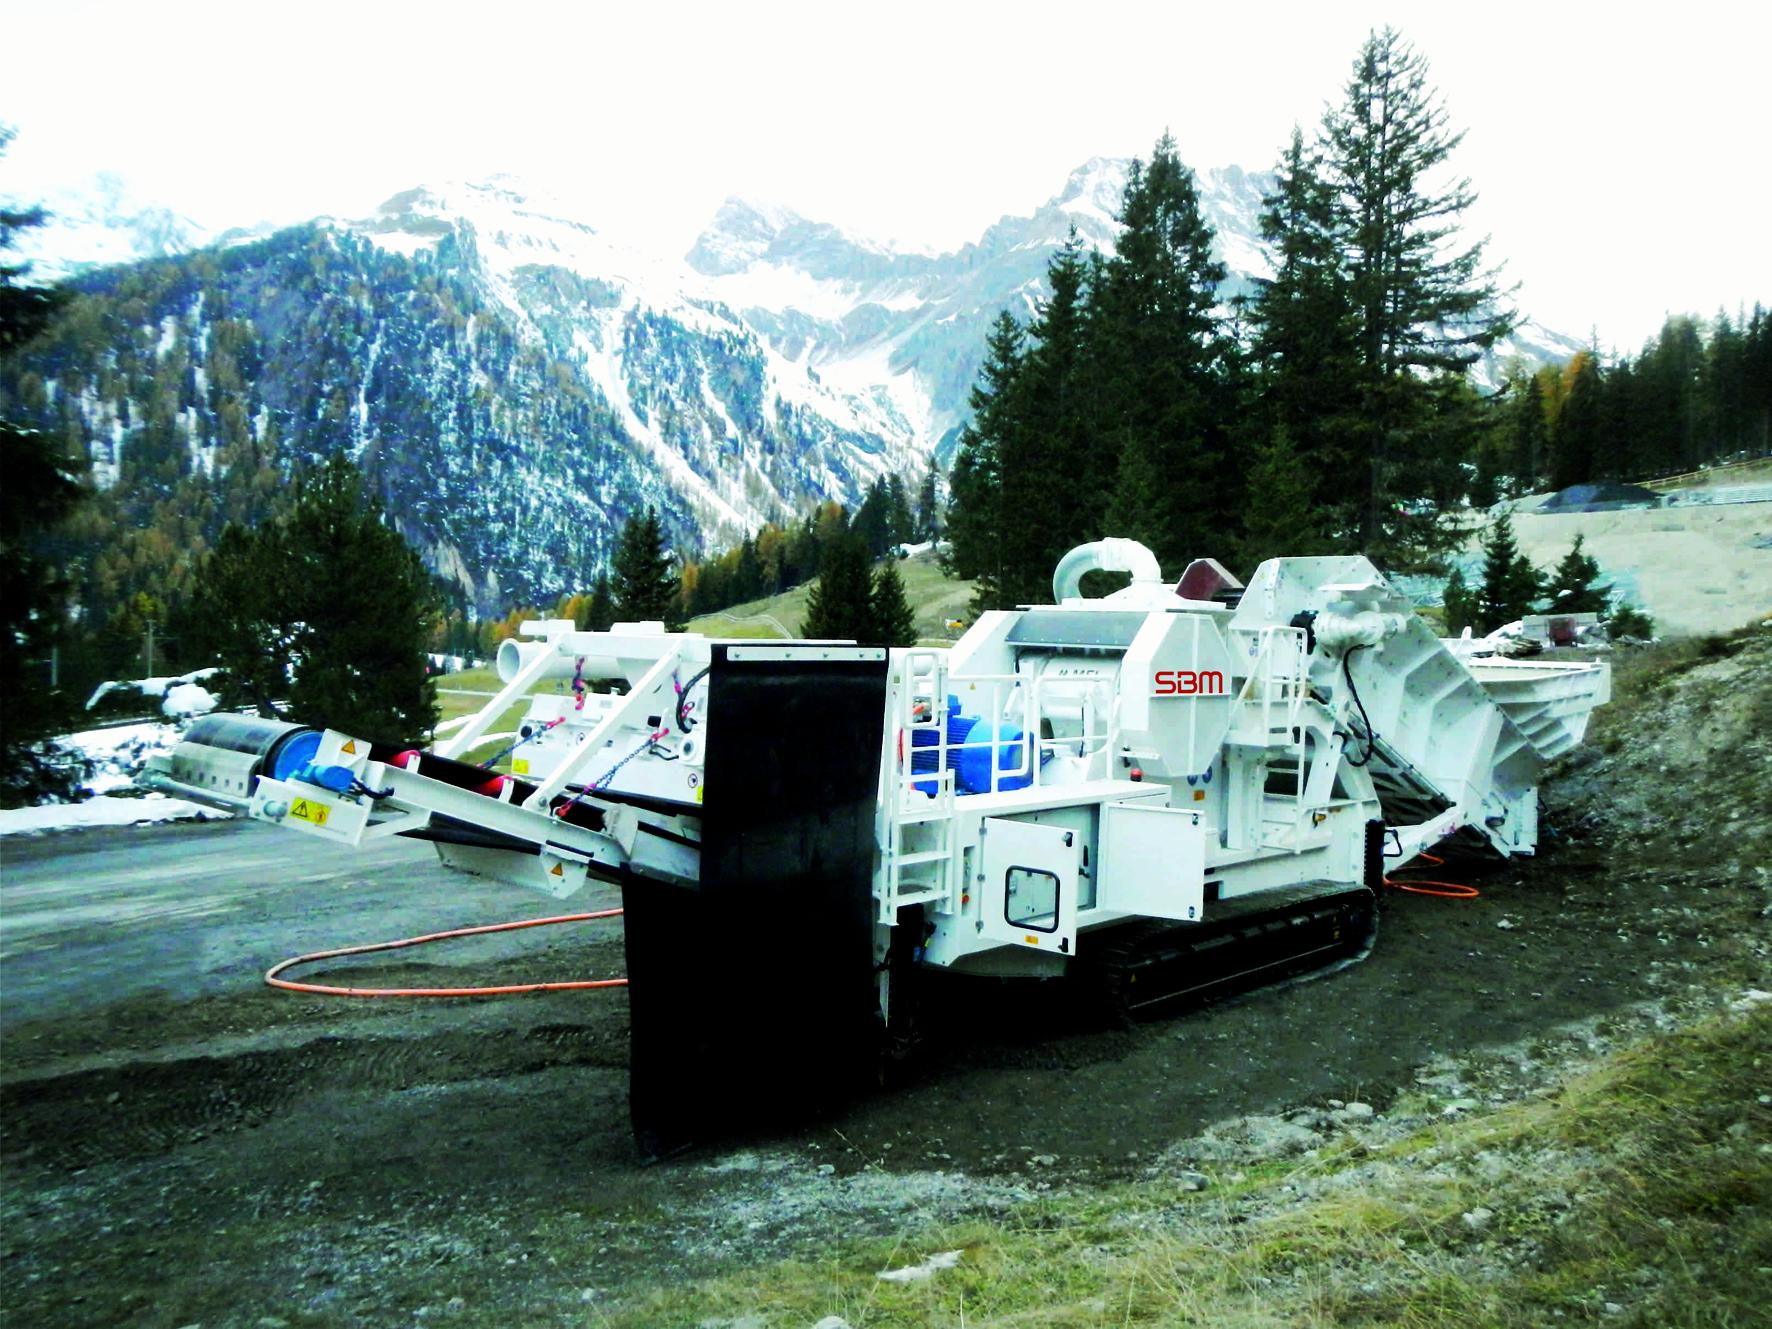 Speziell für den Tunnelbau: vollelektrischer, raupenmobiler SBM Backenbrecher. Copy right: SBM Mineral Processing